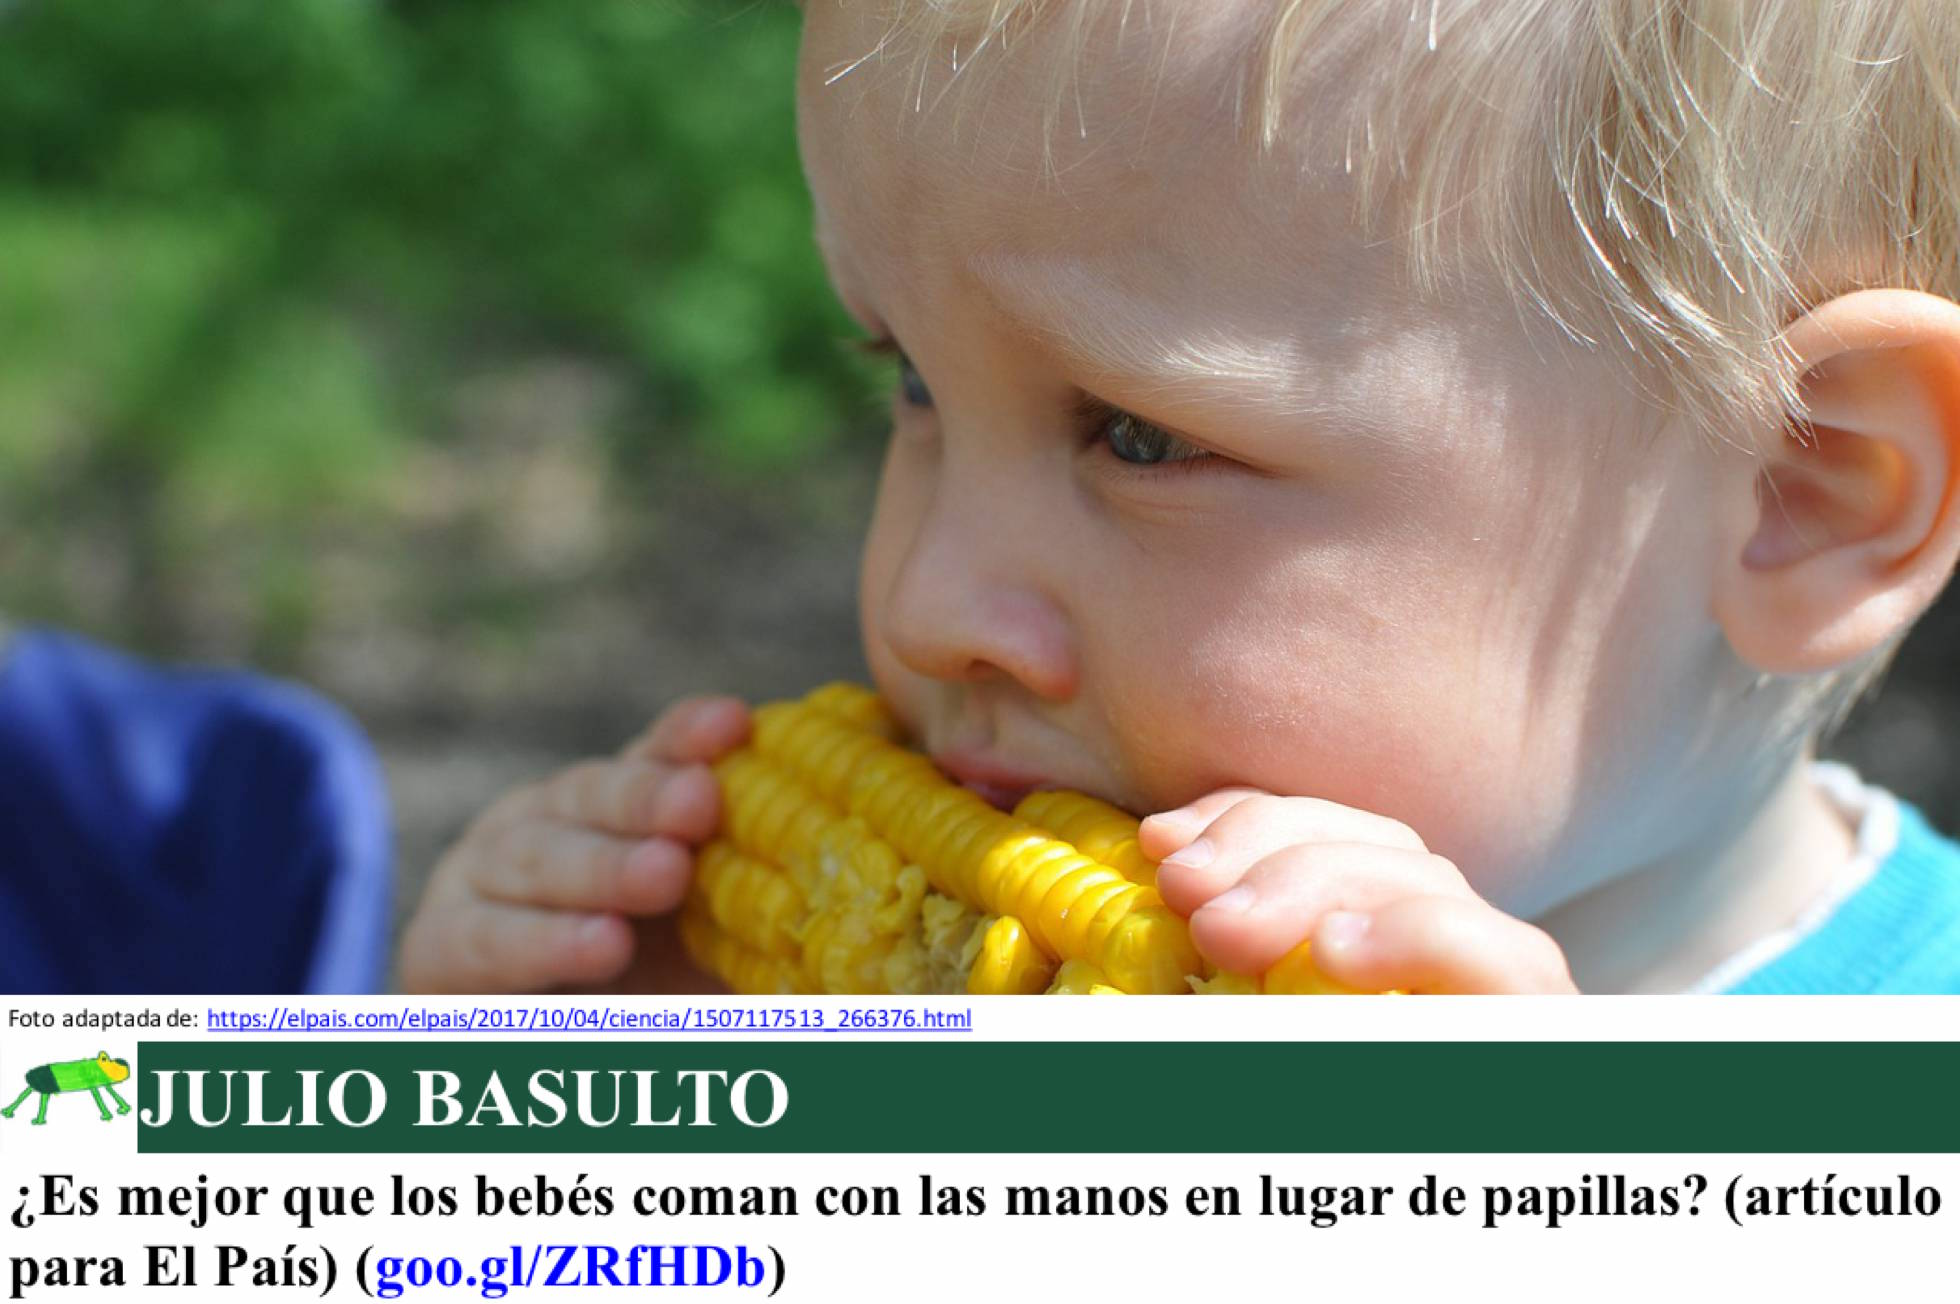 ¿Es mejor que los bebés coman con las manos en lugar de papillas? (artículo para El País)